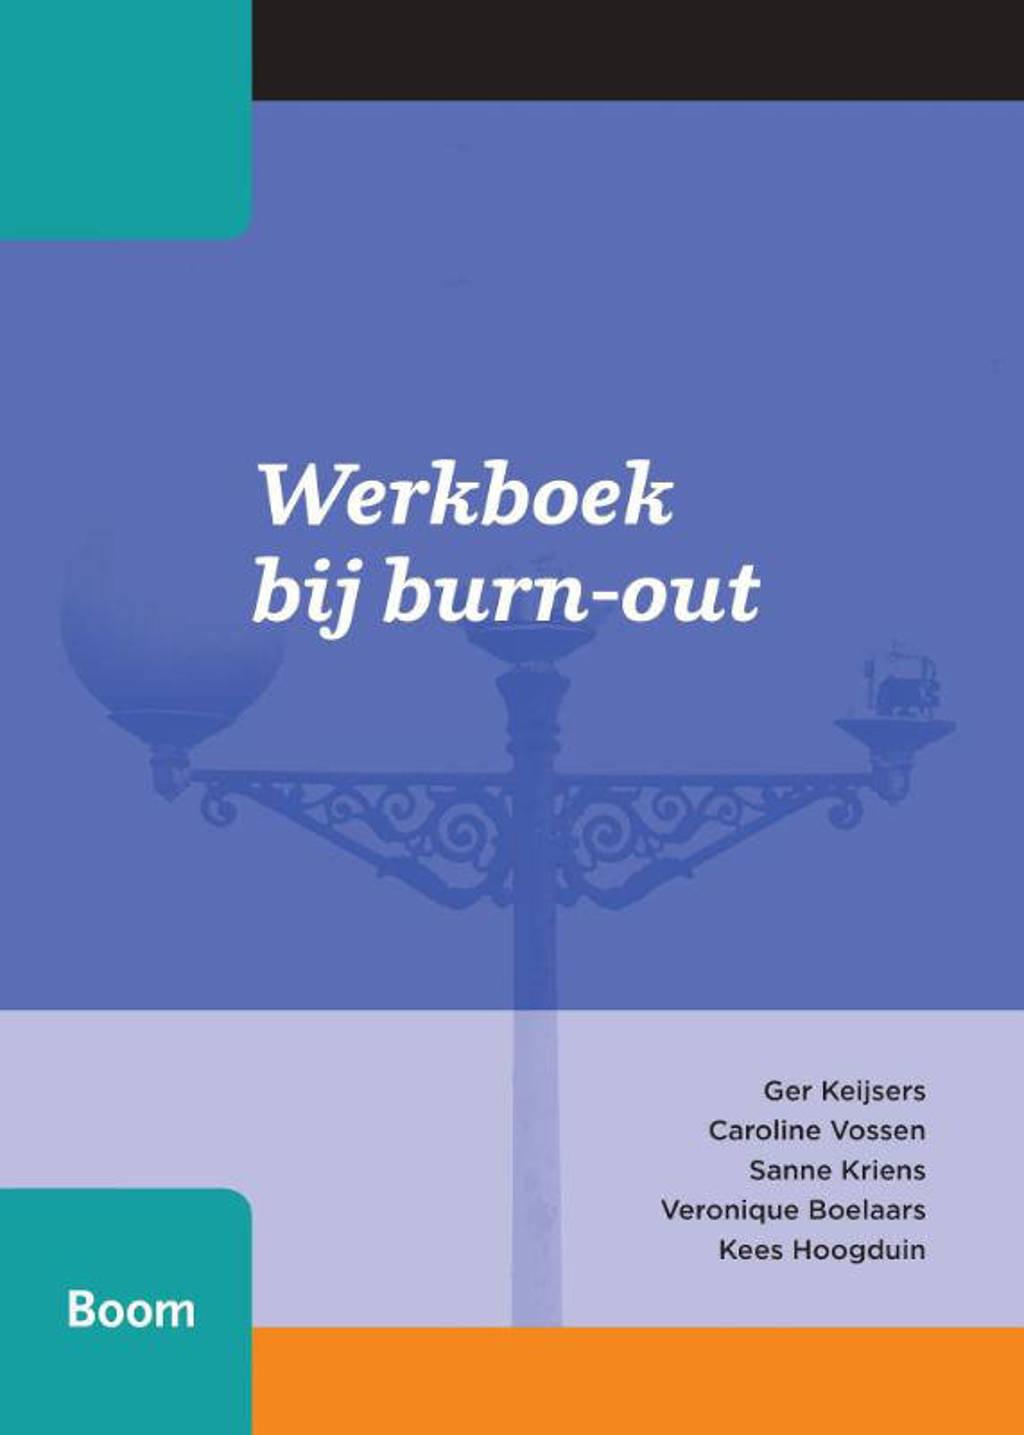 Werkboek bij burn-out - Ger Keijsers, Caroline Vossen,, Sanne Kriens, e.a.